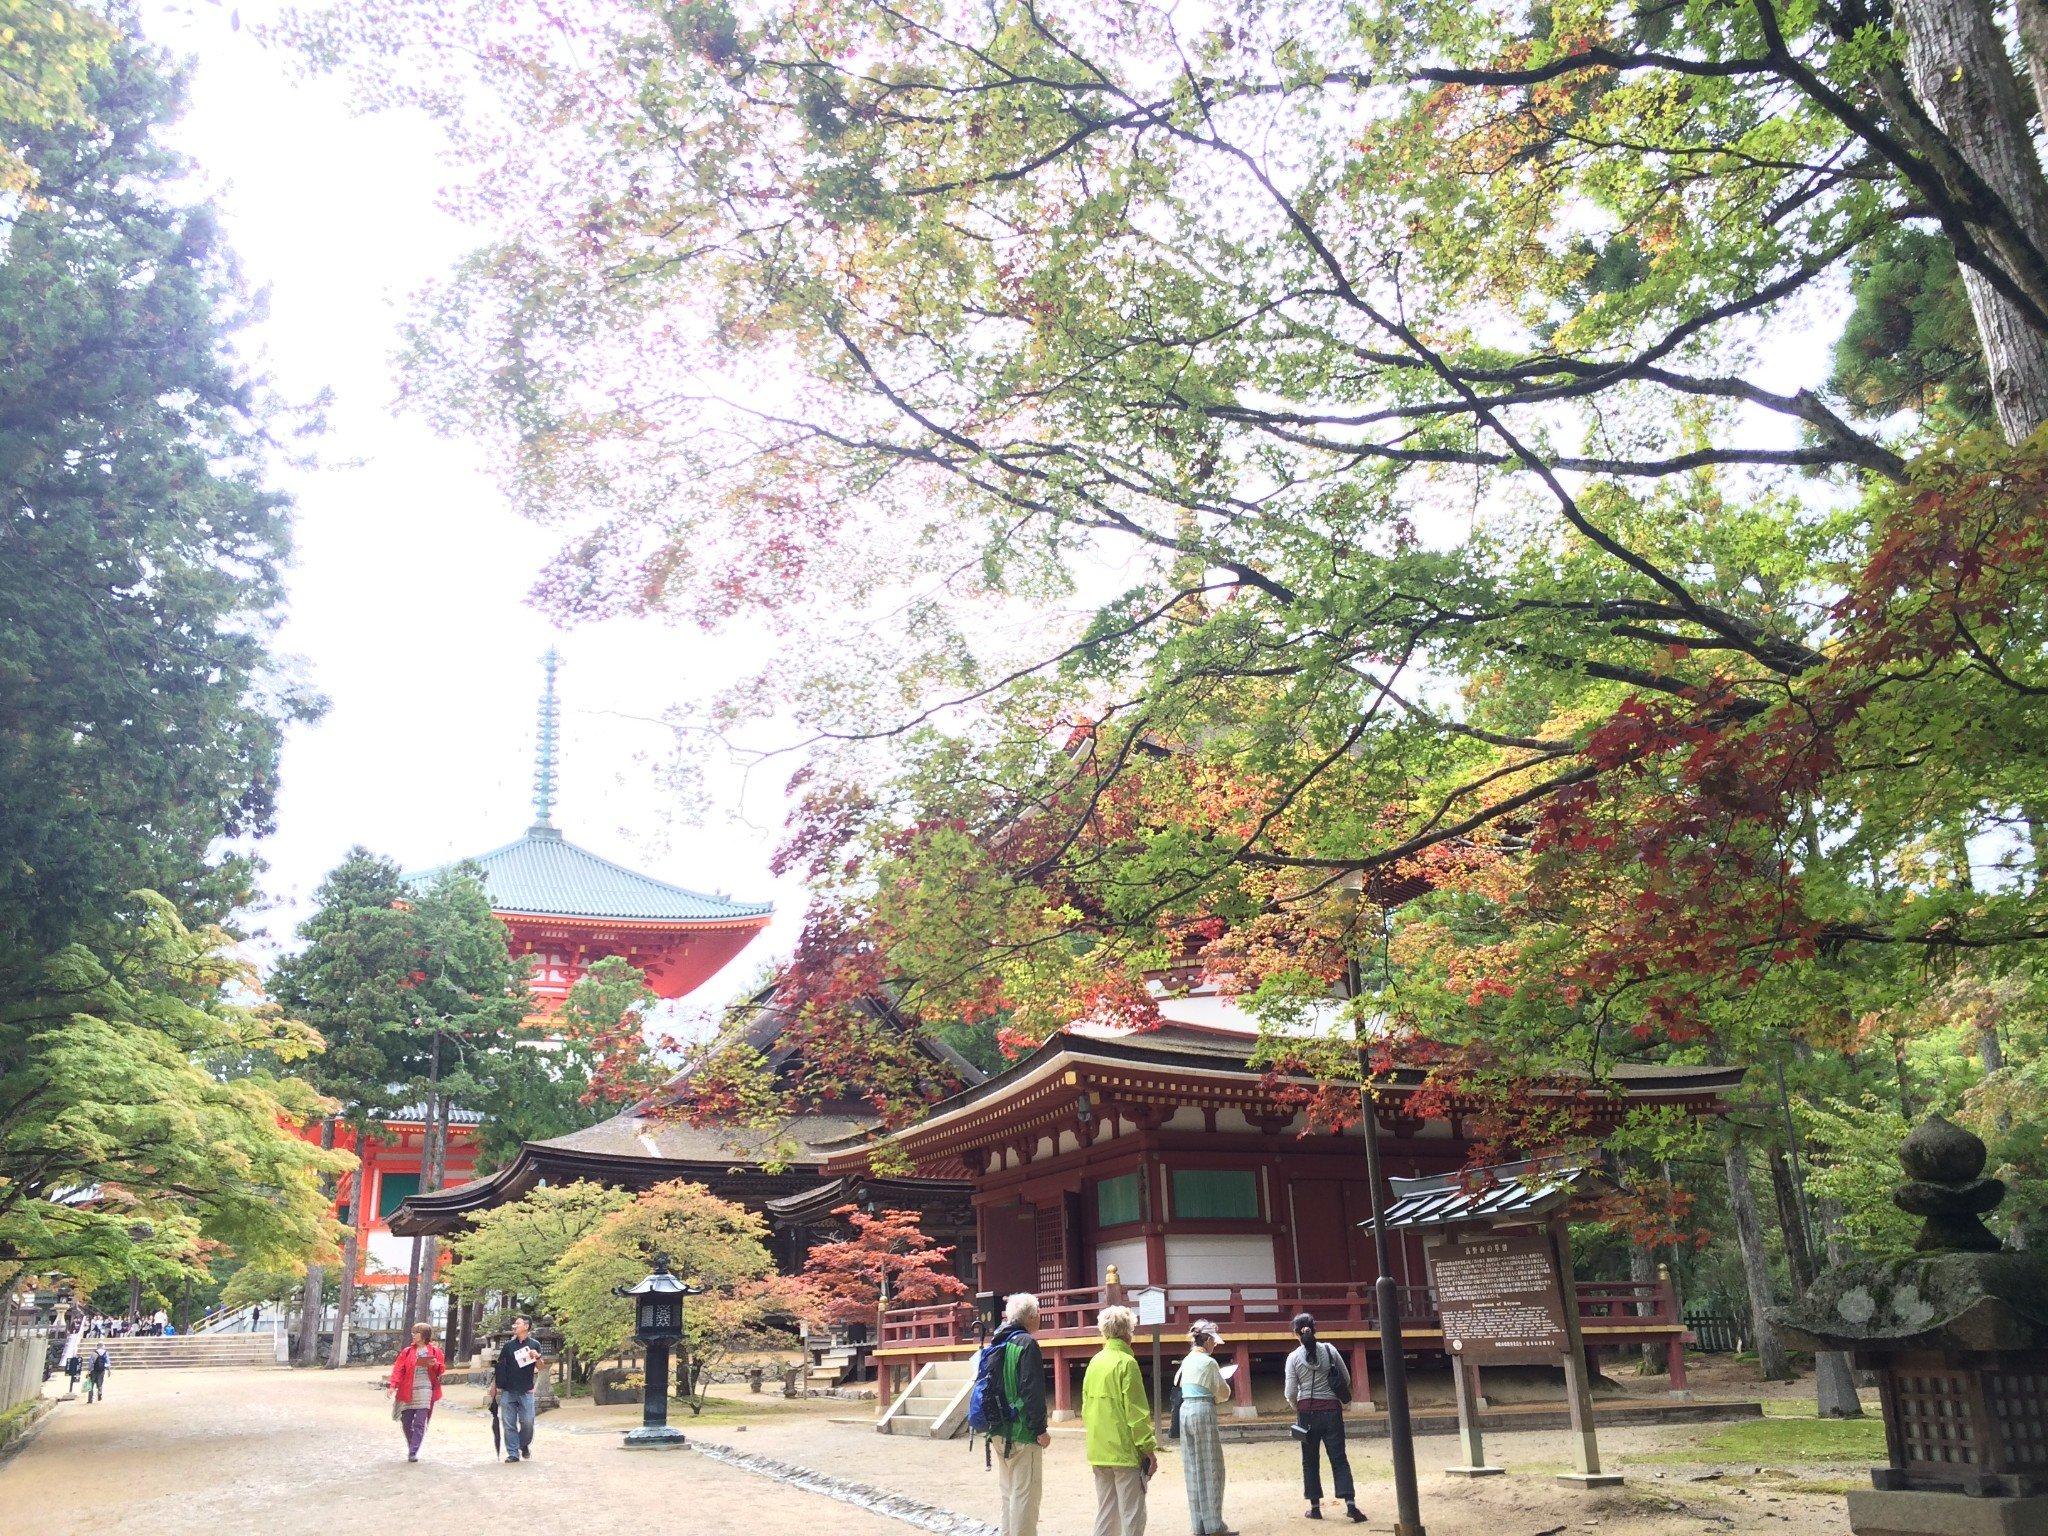 同样的日本,不一样的霓虹(京都、大阪、奈良、高野山、比叡山、姬路、宇治)